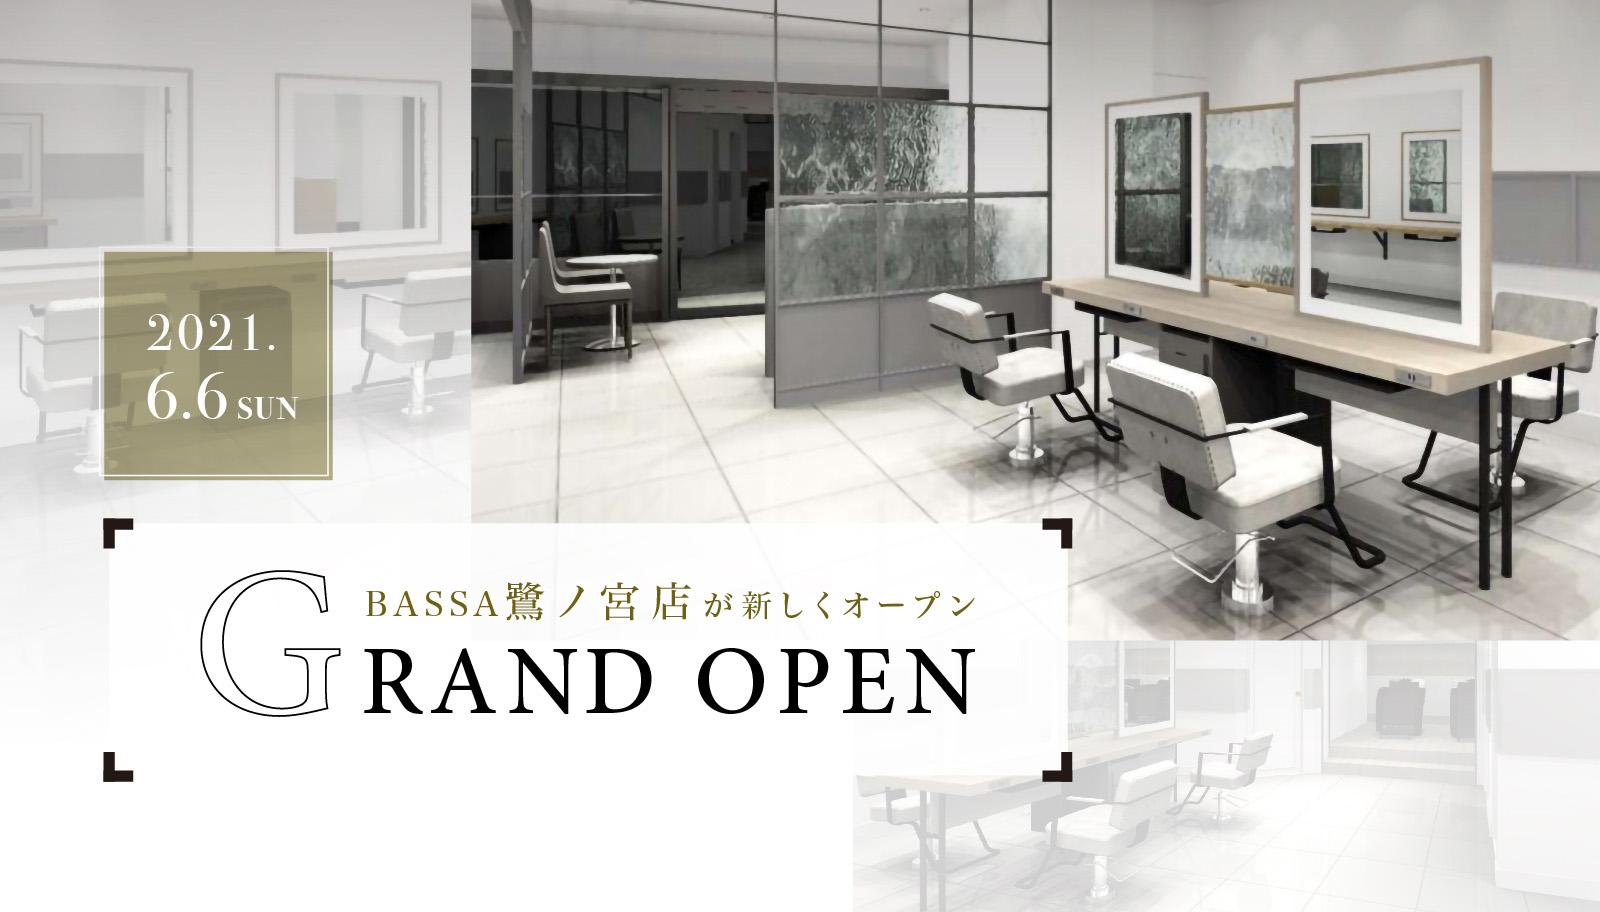 BASSA鷺ノ宮店が新しくオープン